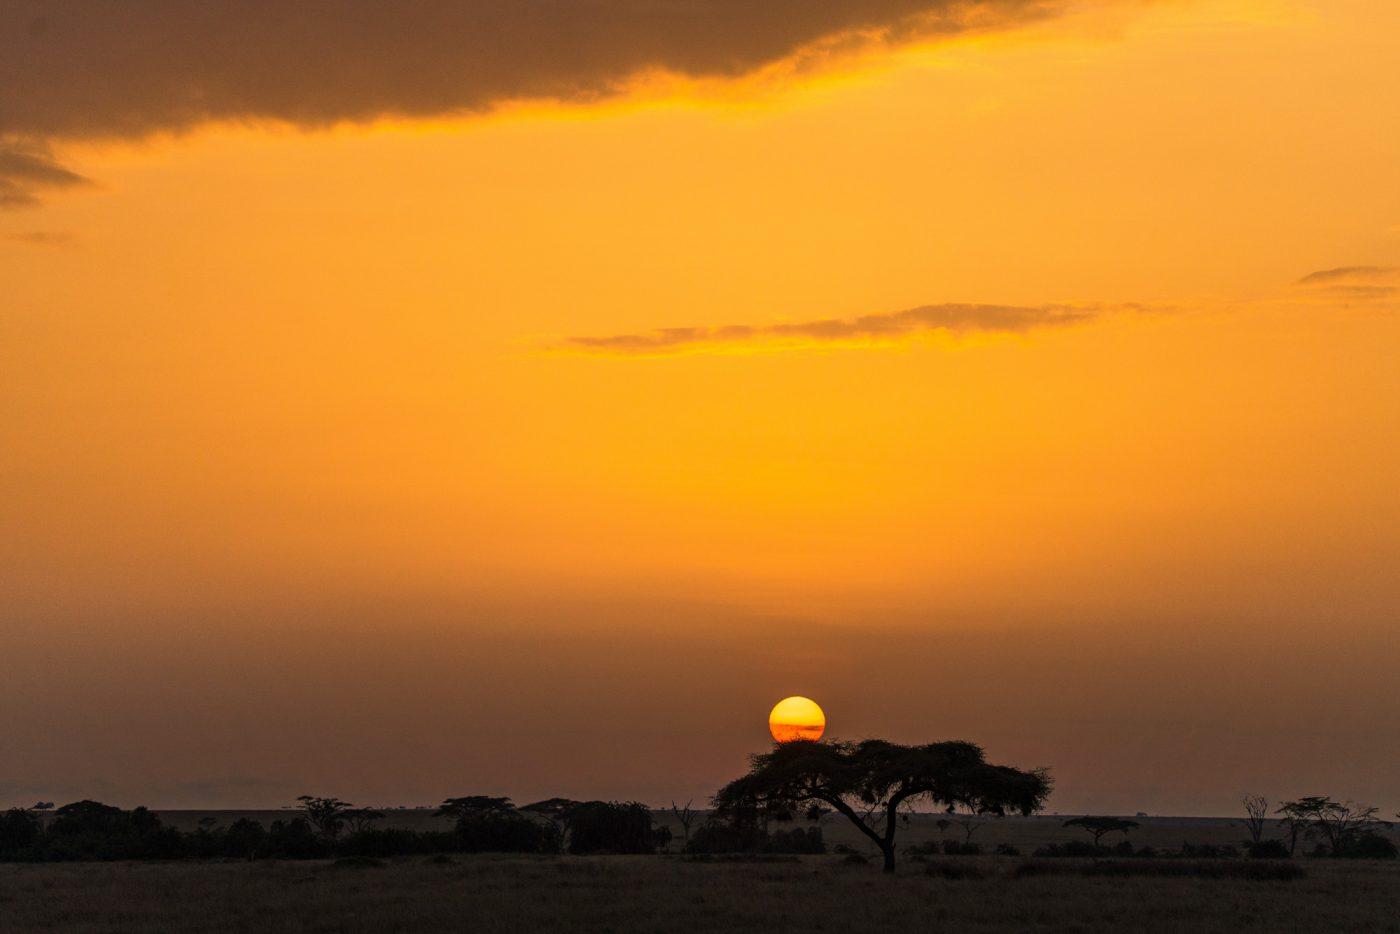 Serengeti sunset on safari